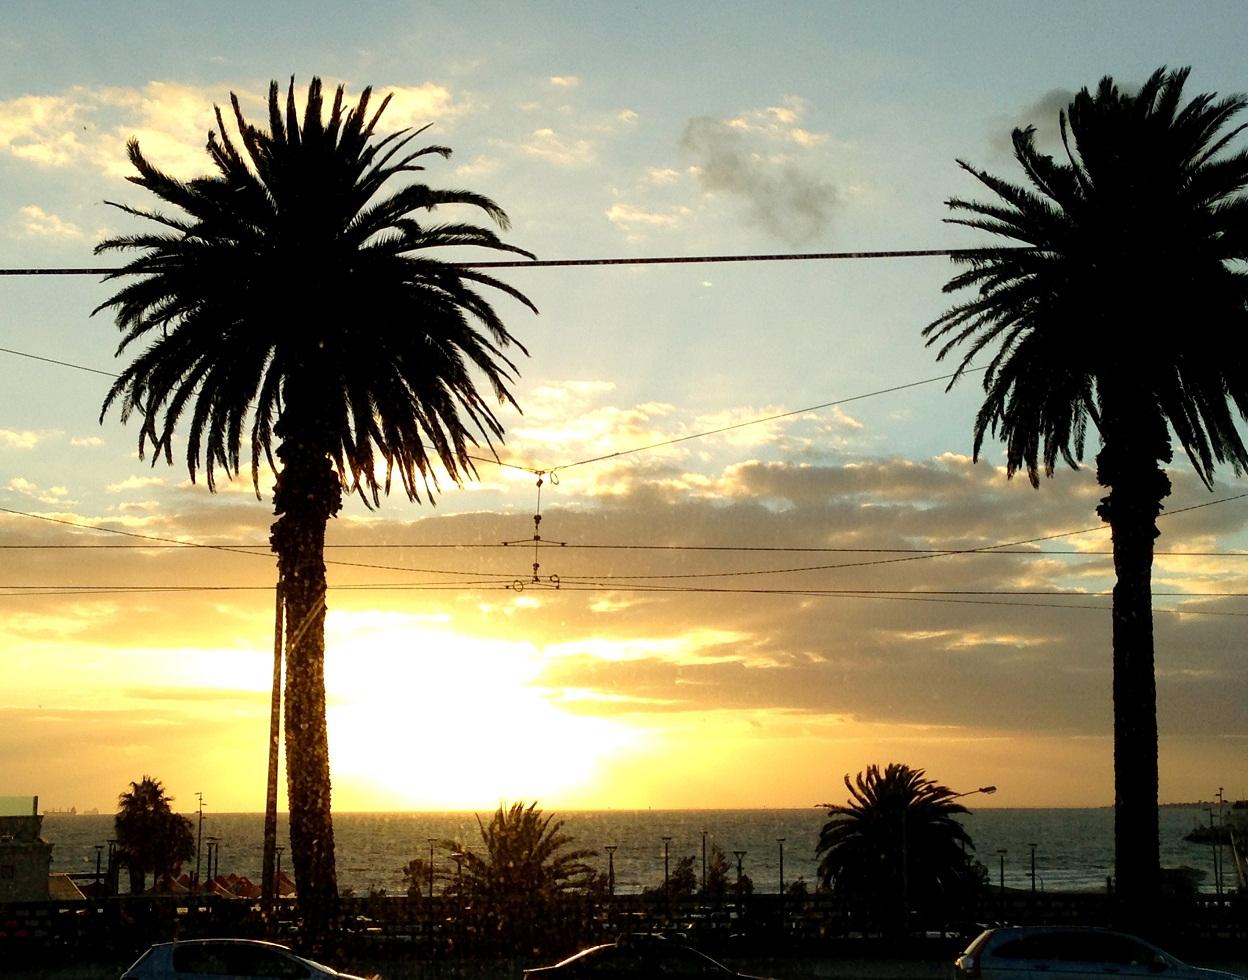 Sonnenuntergang in St Kilda in Melbourne